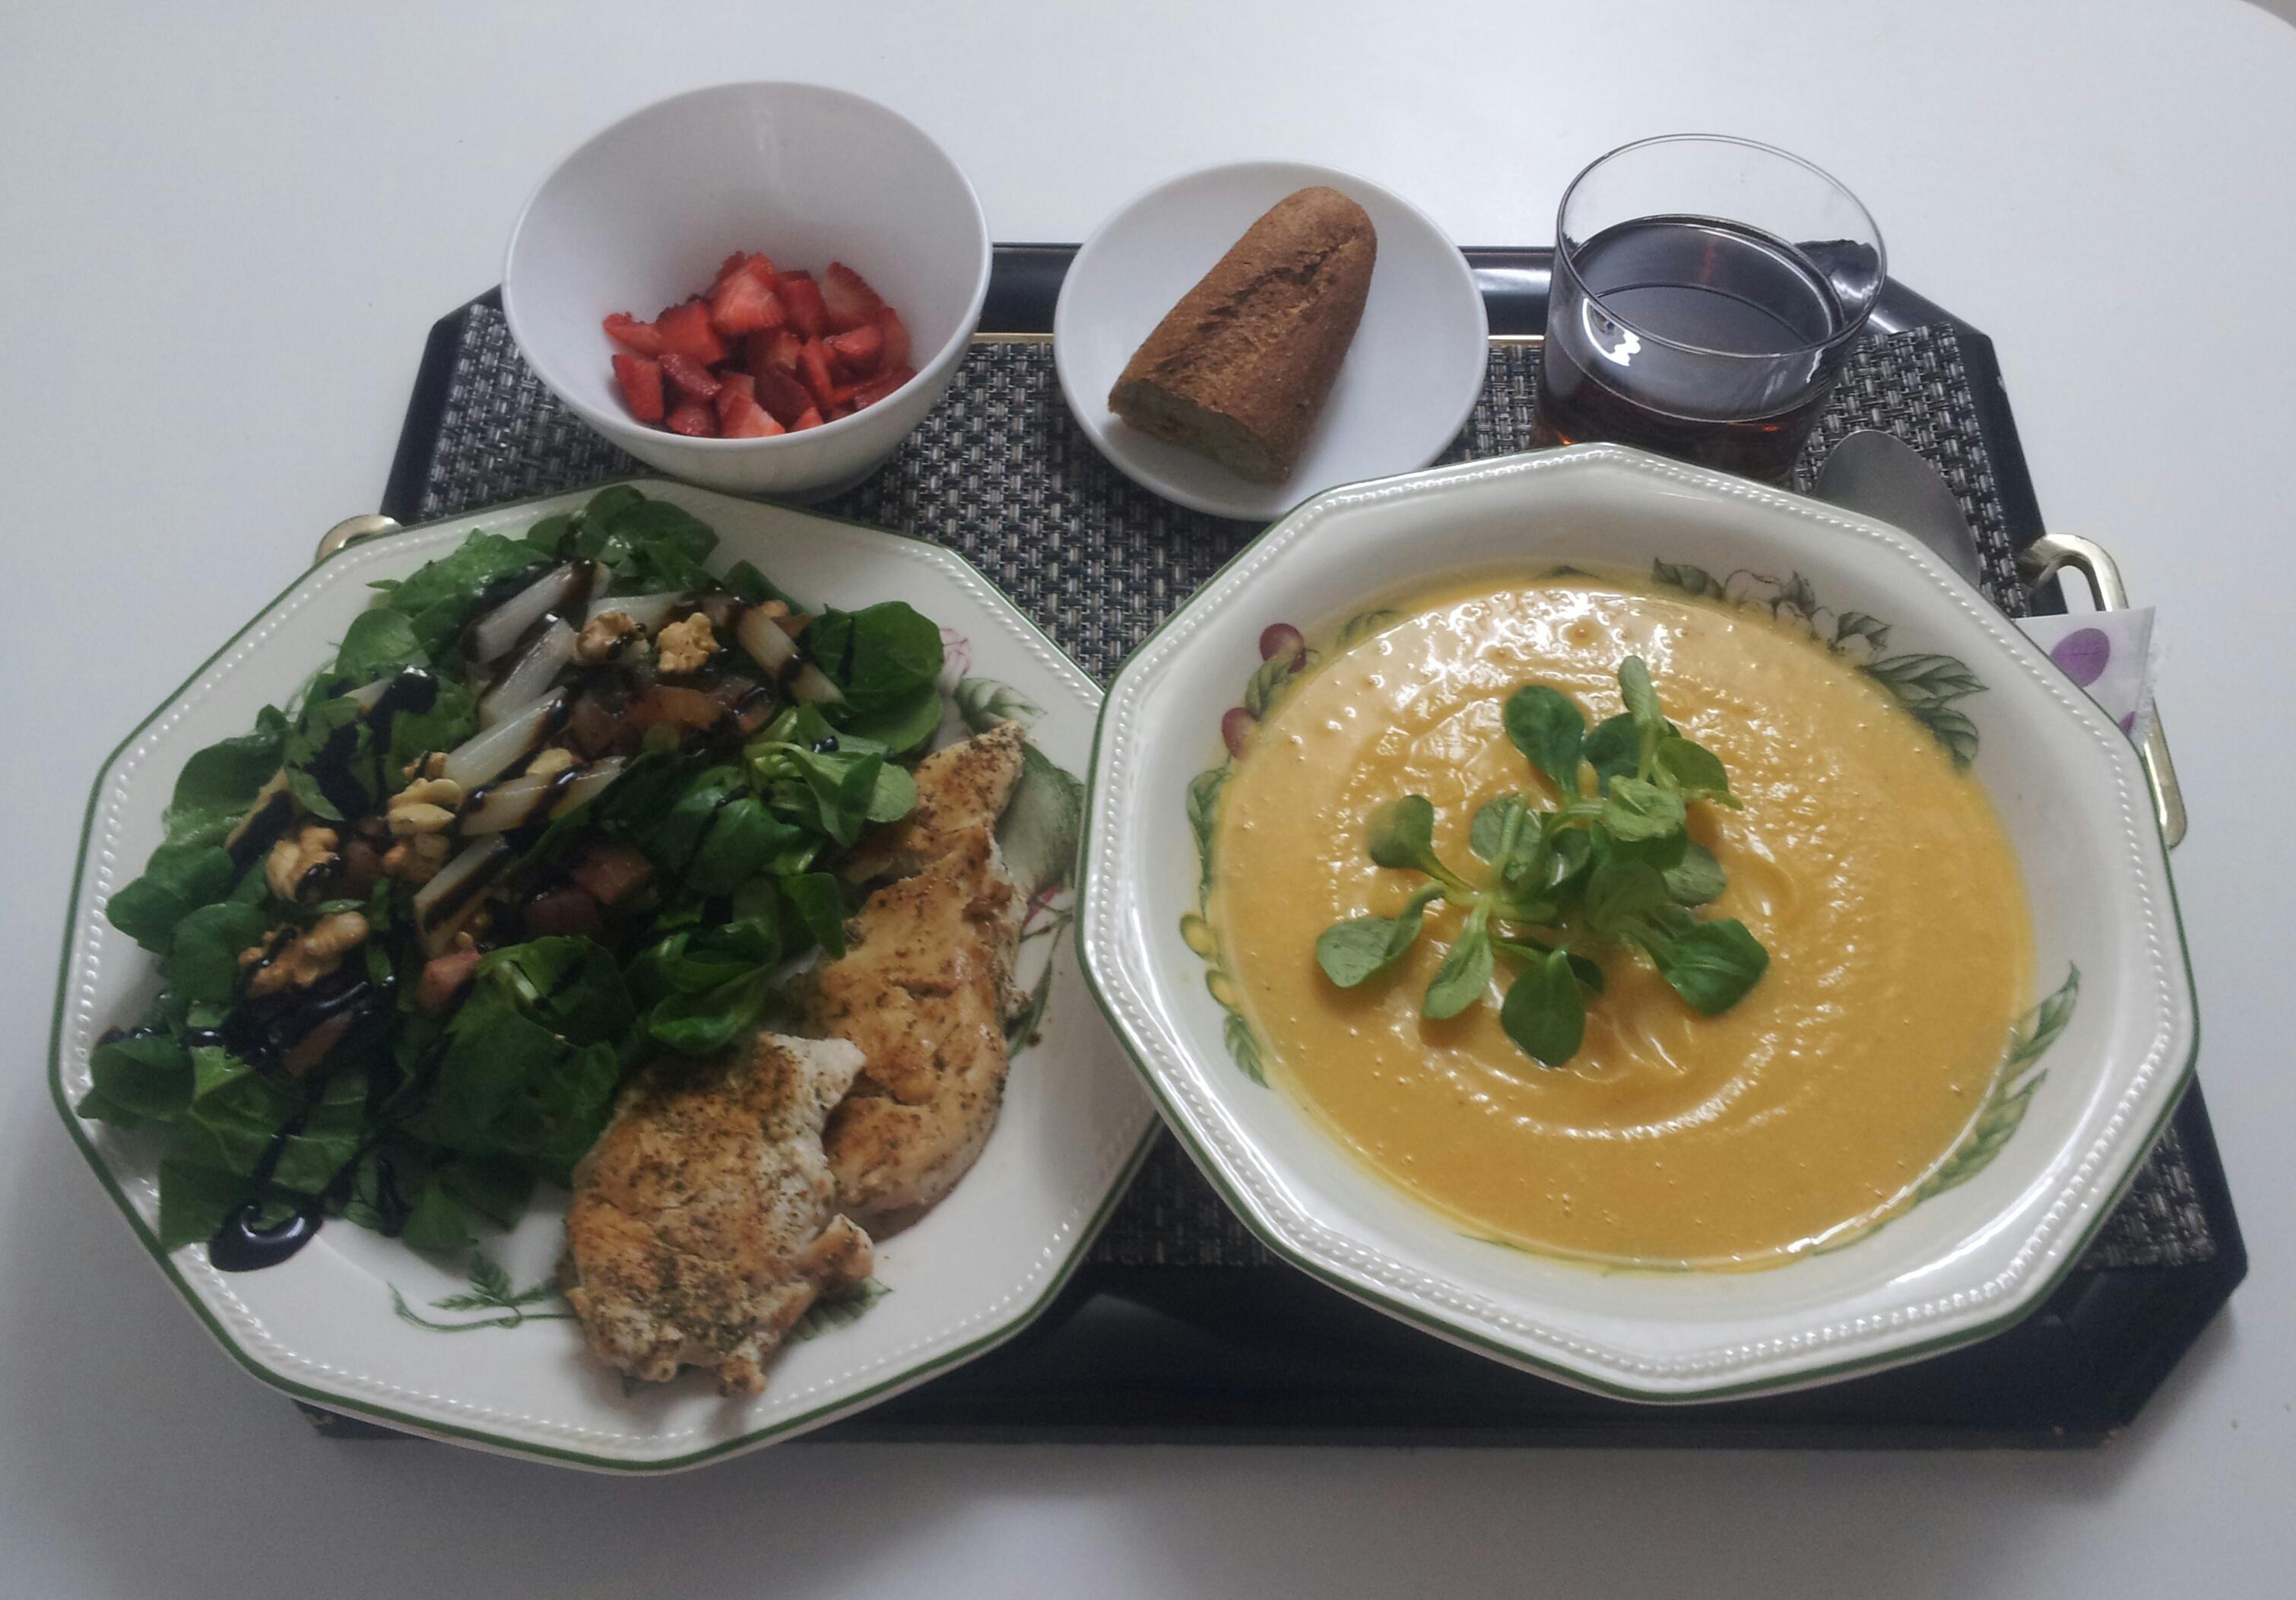 Comida 01 mayo 2013 ensalada pur de calabaza pechuga - Comidas ricas sanas y faciles ...